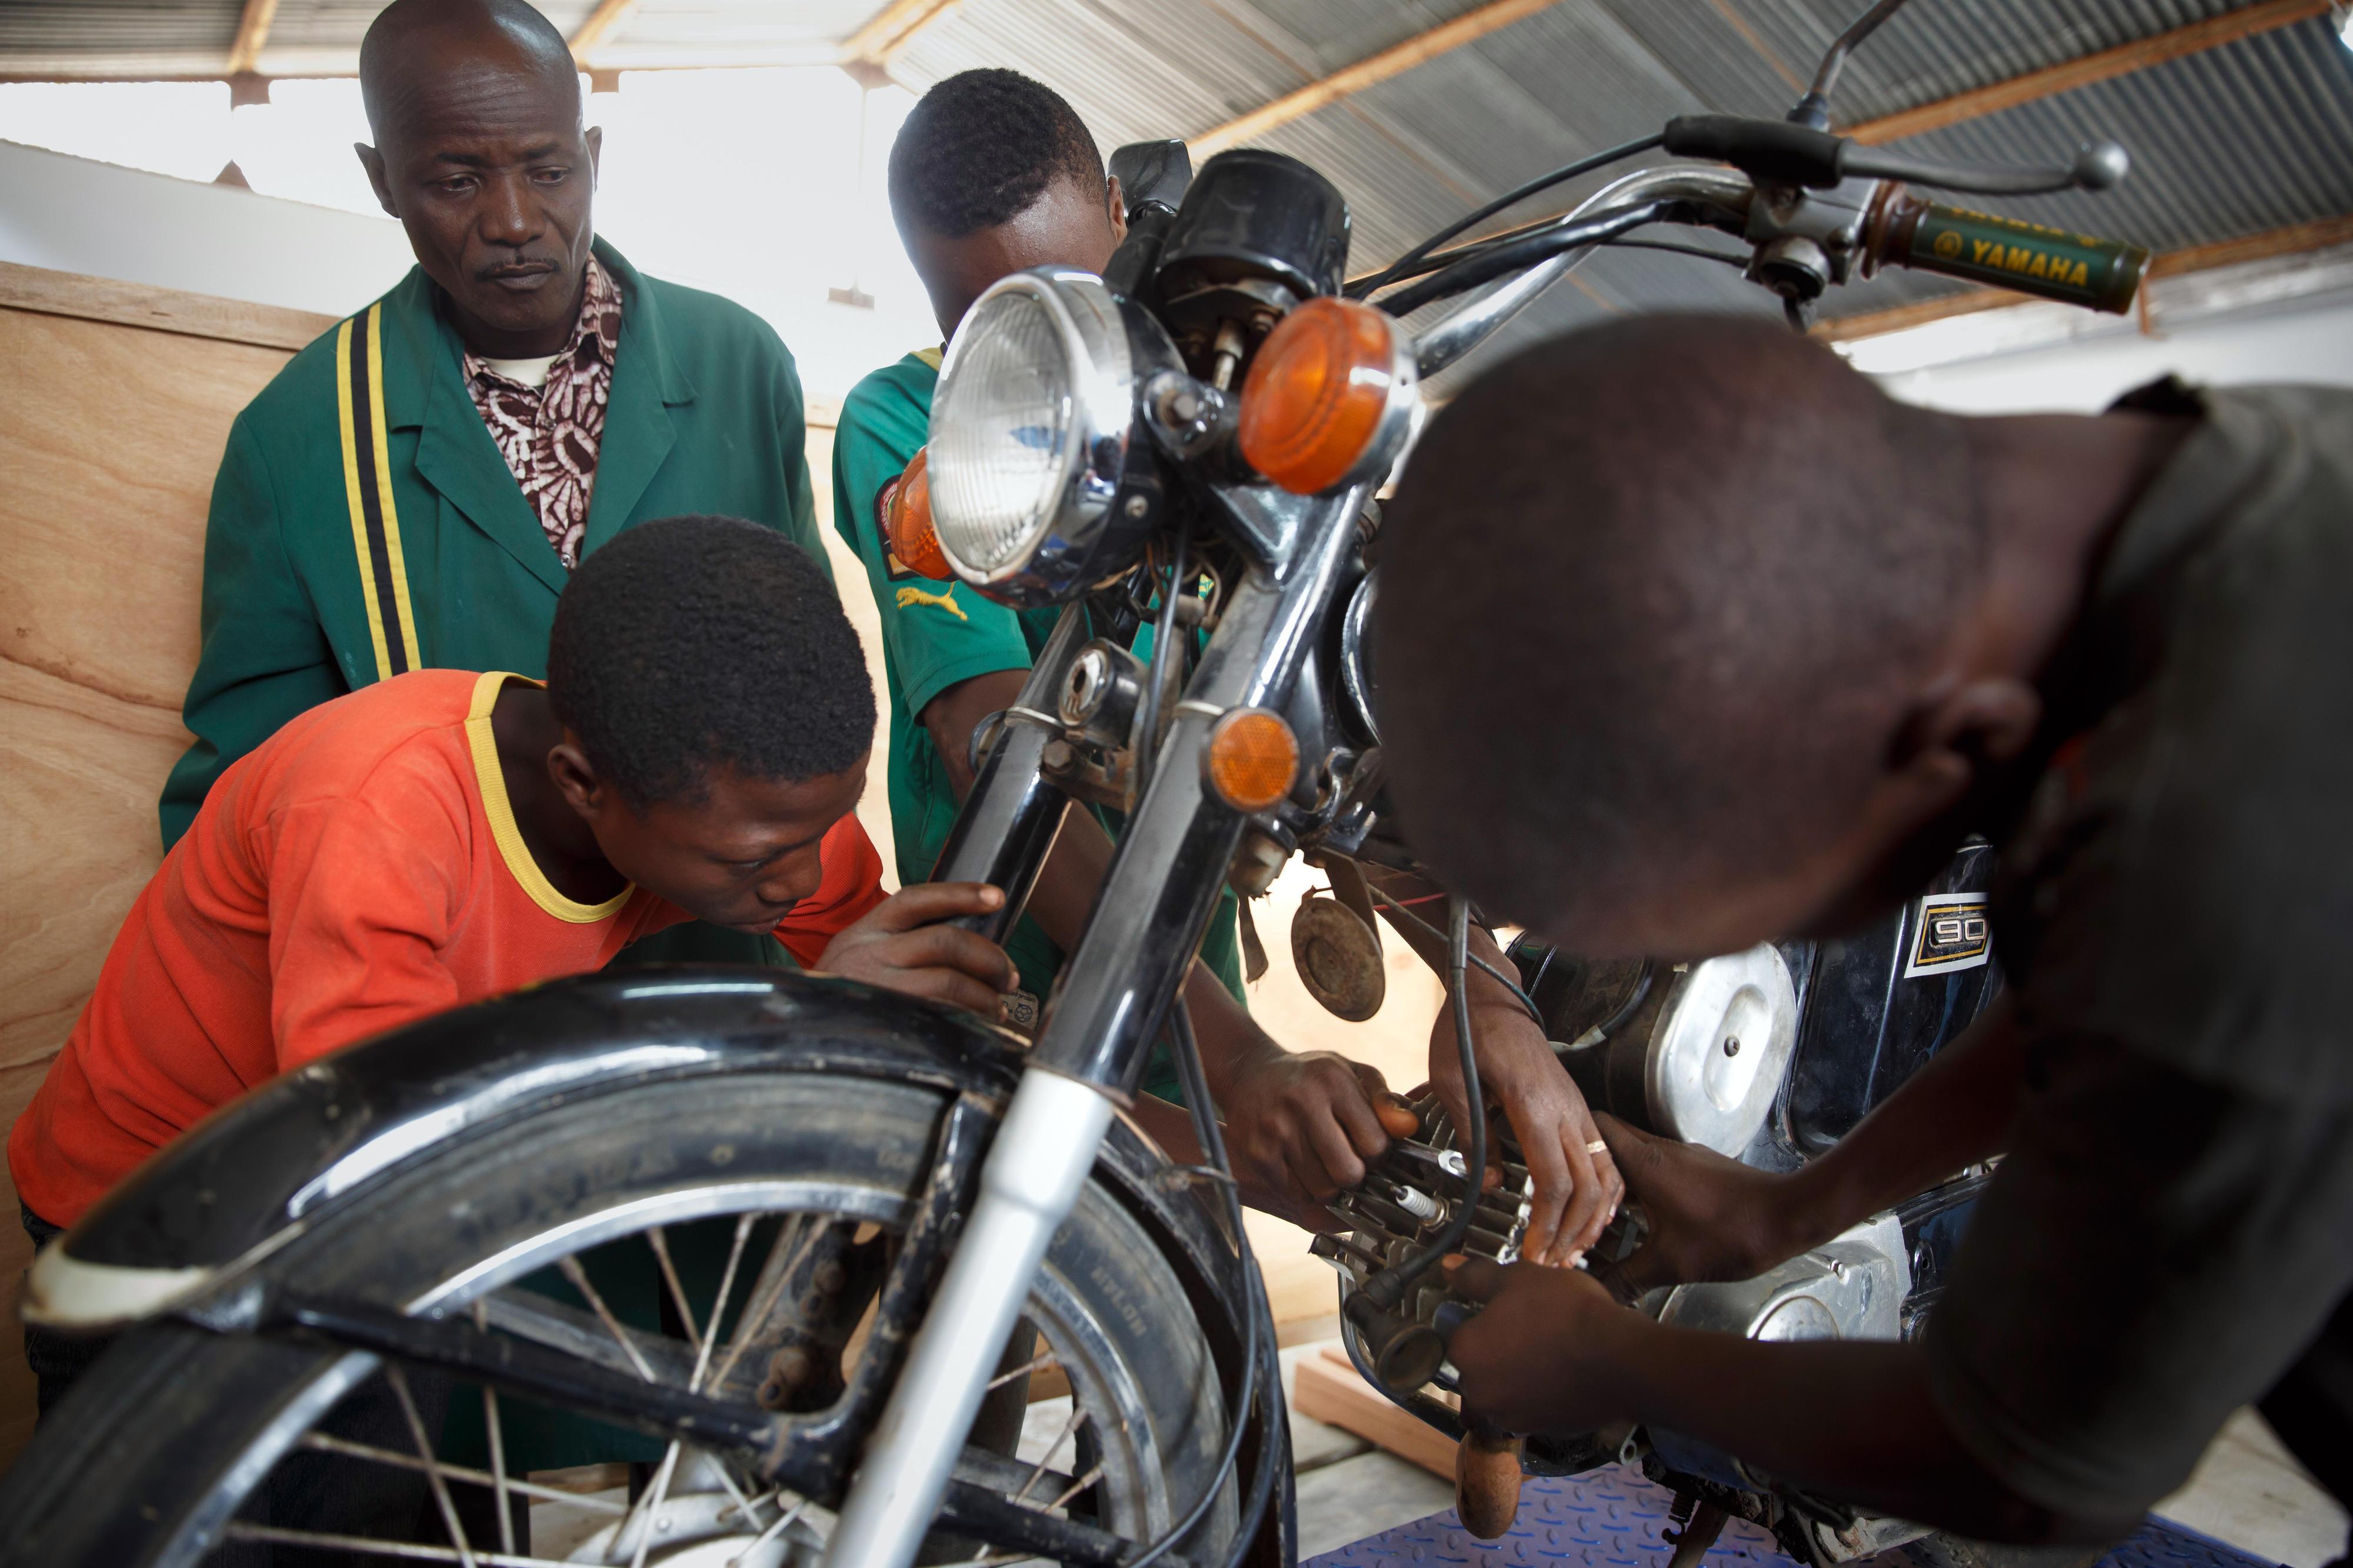 Schüler des Ausbildungsganges Kfz-Mechanik der Berufsschule in Sokodé (Togo) reparieren ein Motorrad.